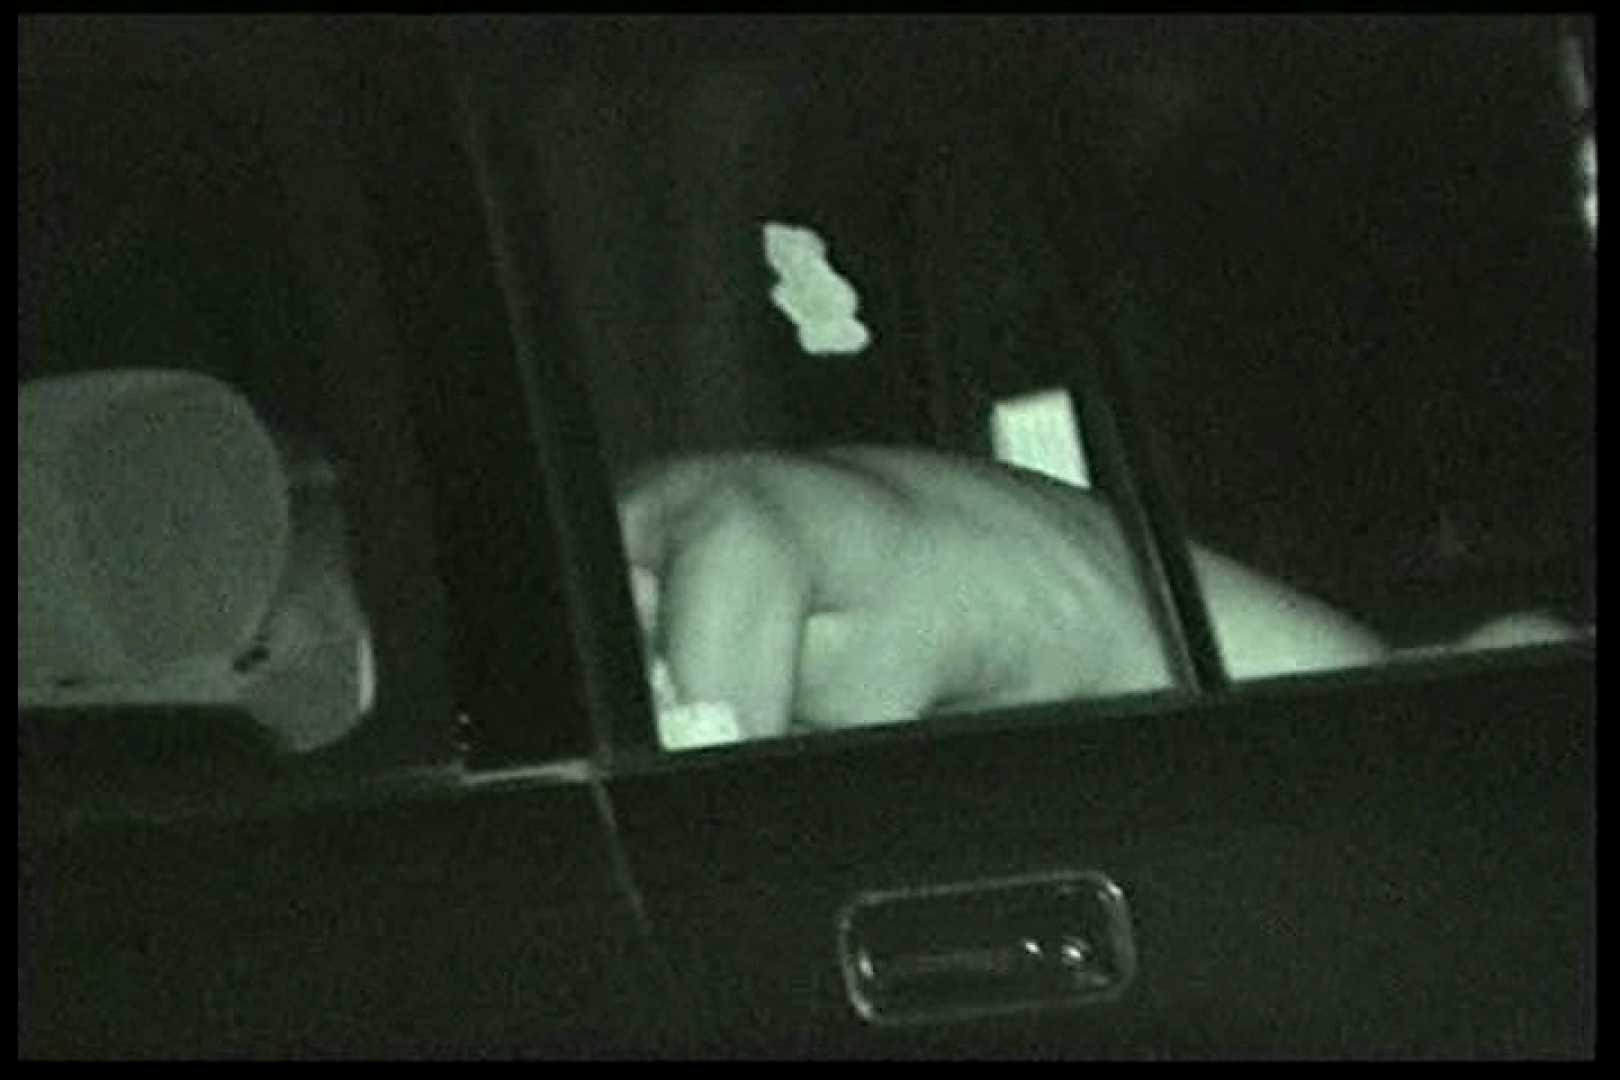 車の中はラブホテル 無修正版  Vol.14 喘ぎオンナ 覗き性交動画流出 87pic 22